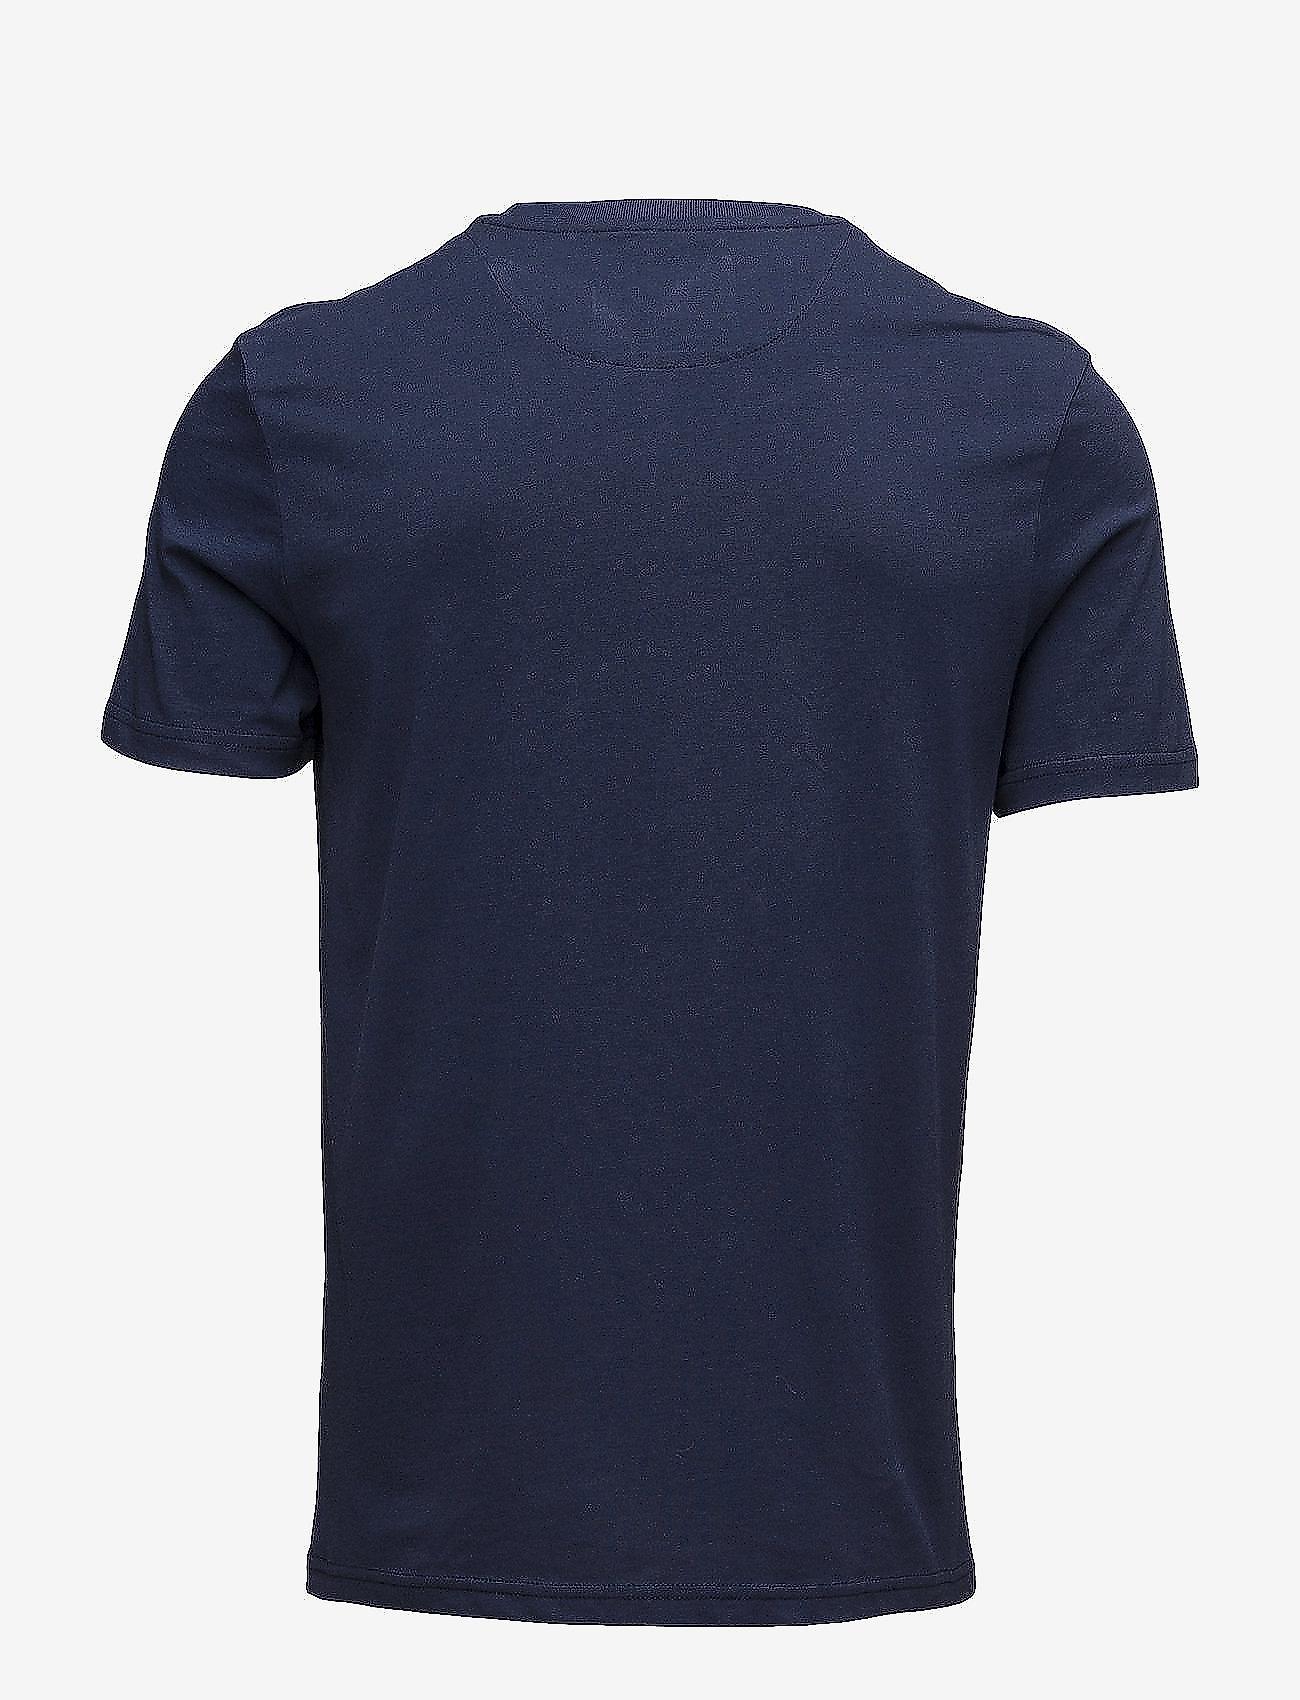 Lyle & Scott Crew Neck T-Shirt - T-skjorter NAVY - Menn Klær